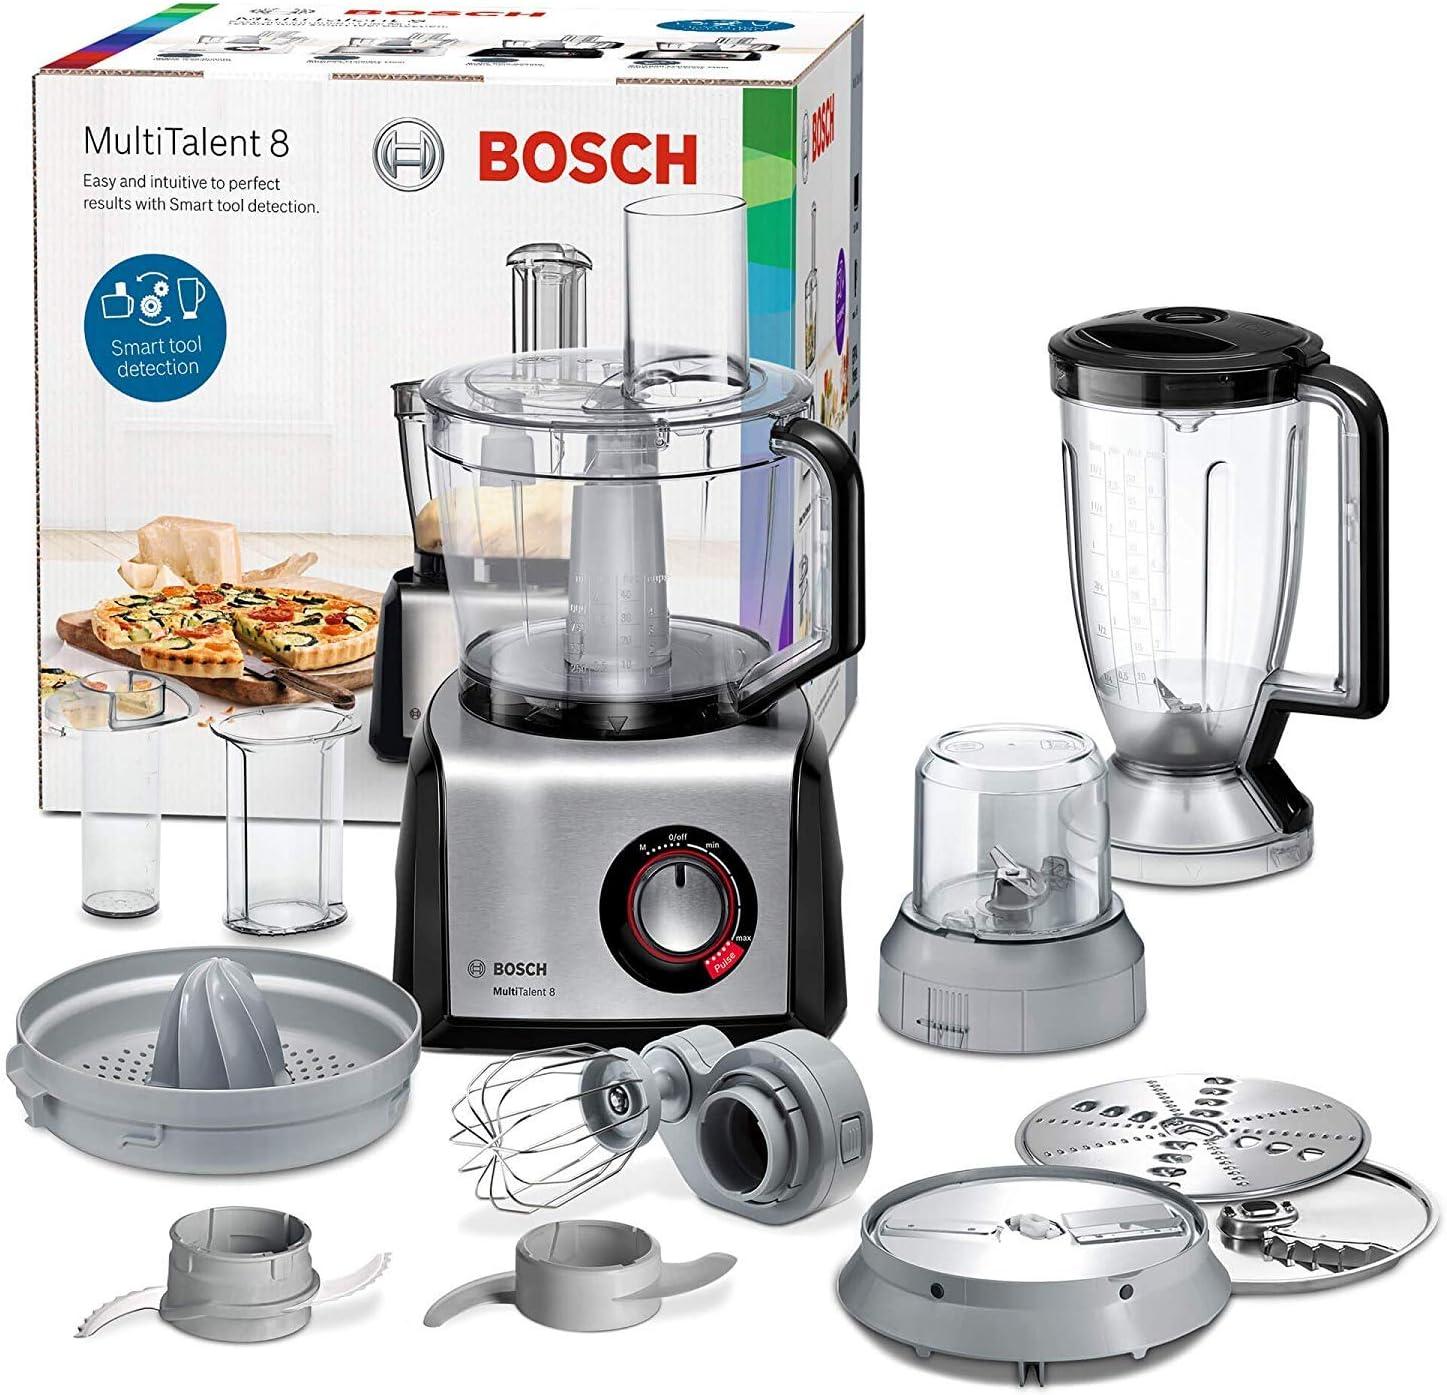 Bosch MC812M844 MultiTalent 8 Robot de cocina con accesorios, 1.250 W, 3.9 litros de capacidad, color negro y acero inoxidable